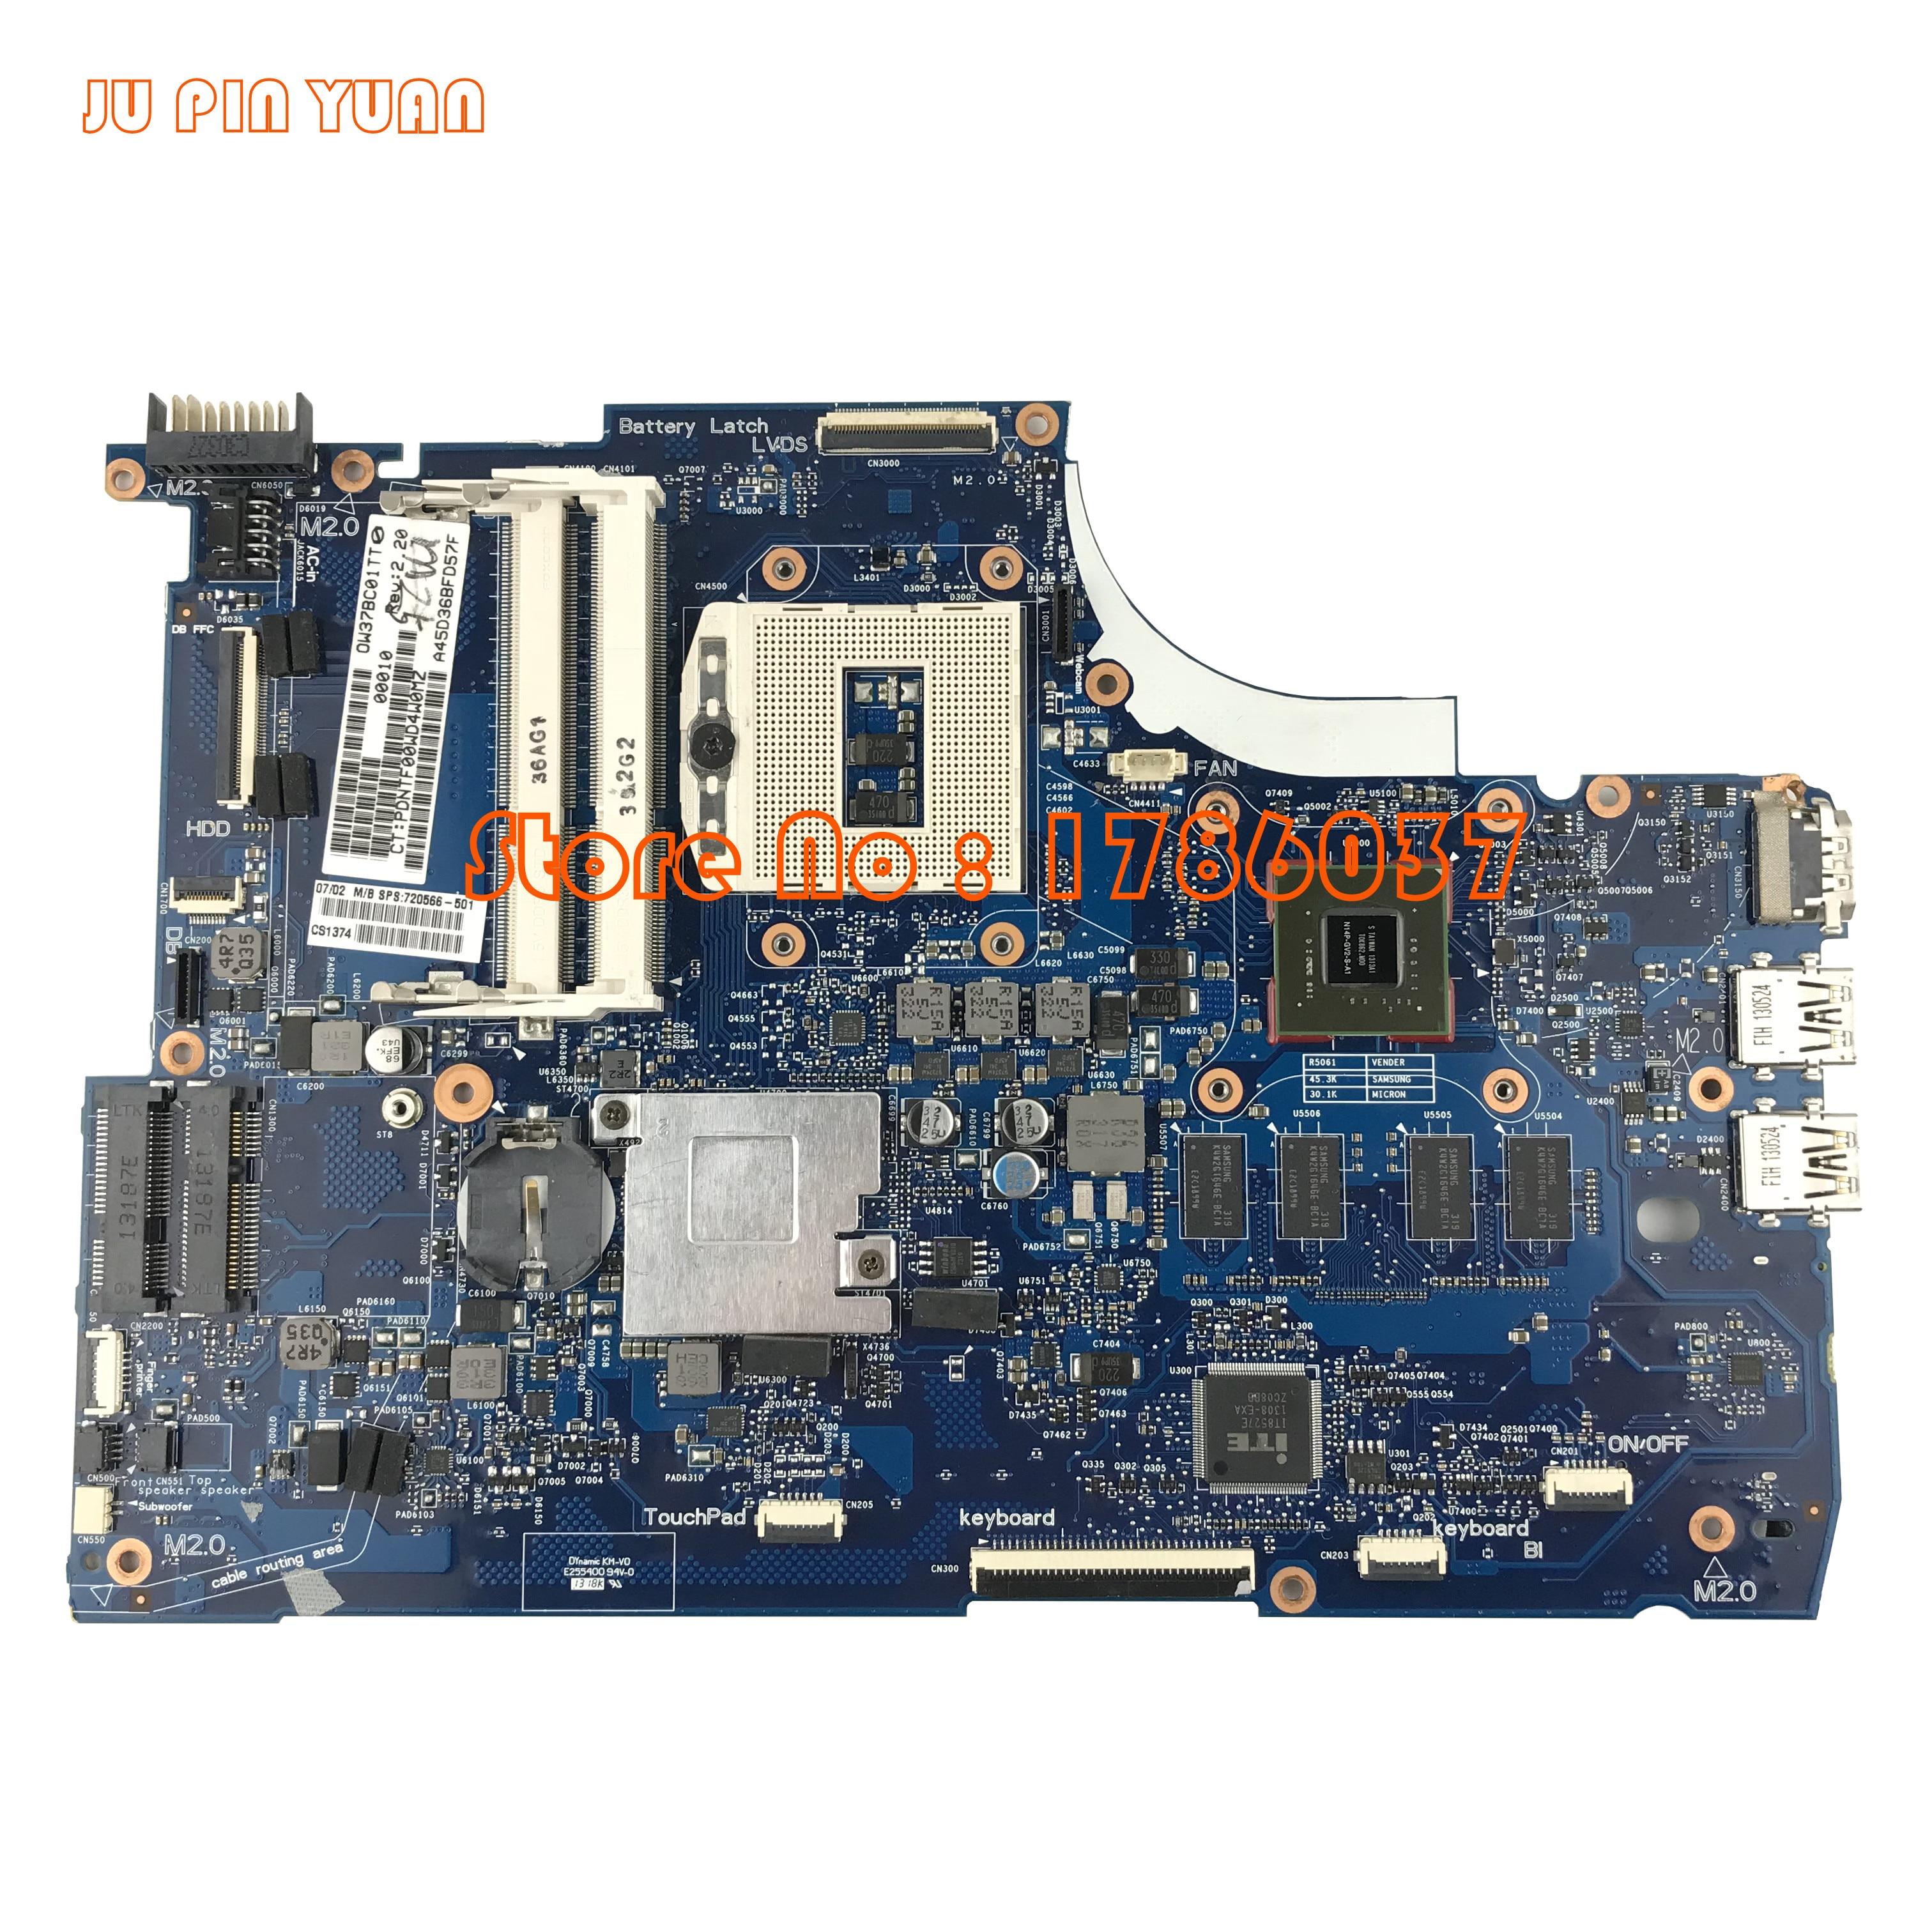 Ju pino yuan 720566-501 720566-001 para hp envy 15-j 15t-j série placa-mãe 740 m/2g hm87 todas as funções 100% totalmente testado